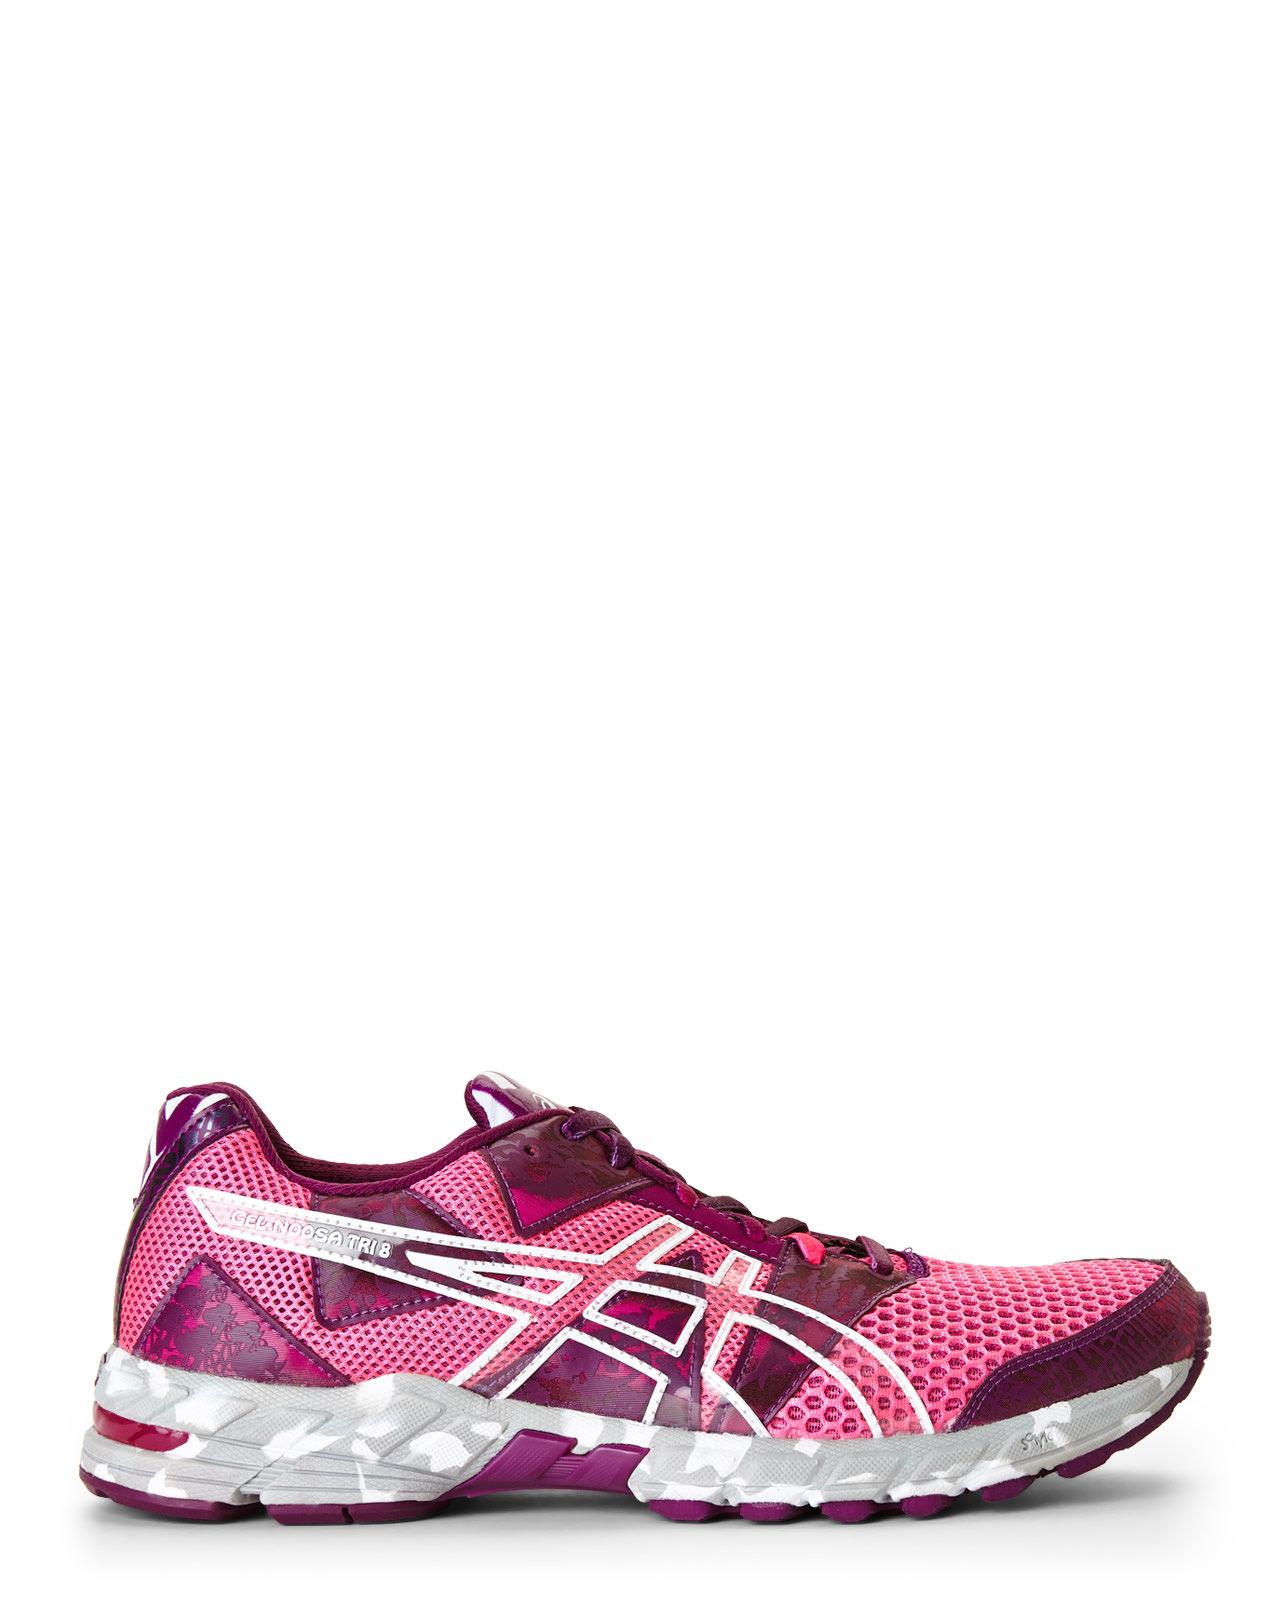 asics metrolyte gem walking shoe in pink lyst